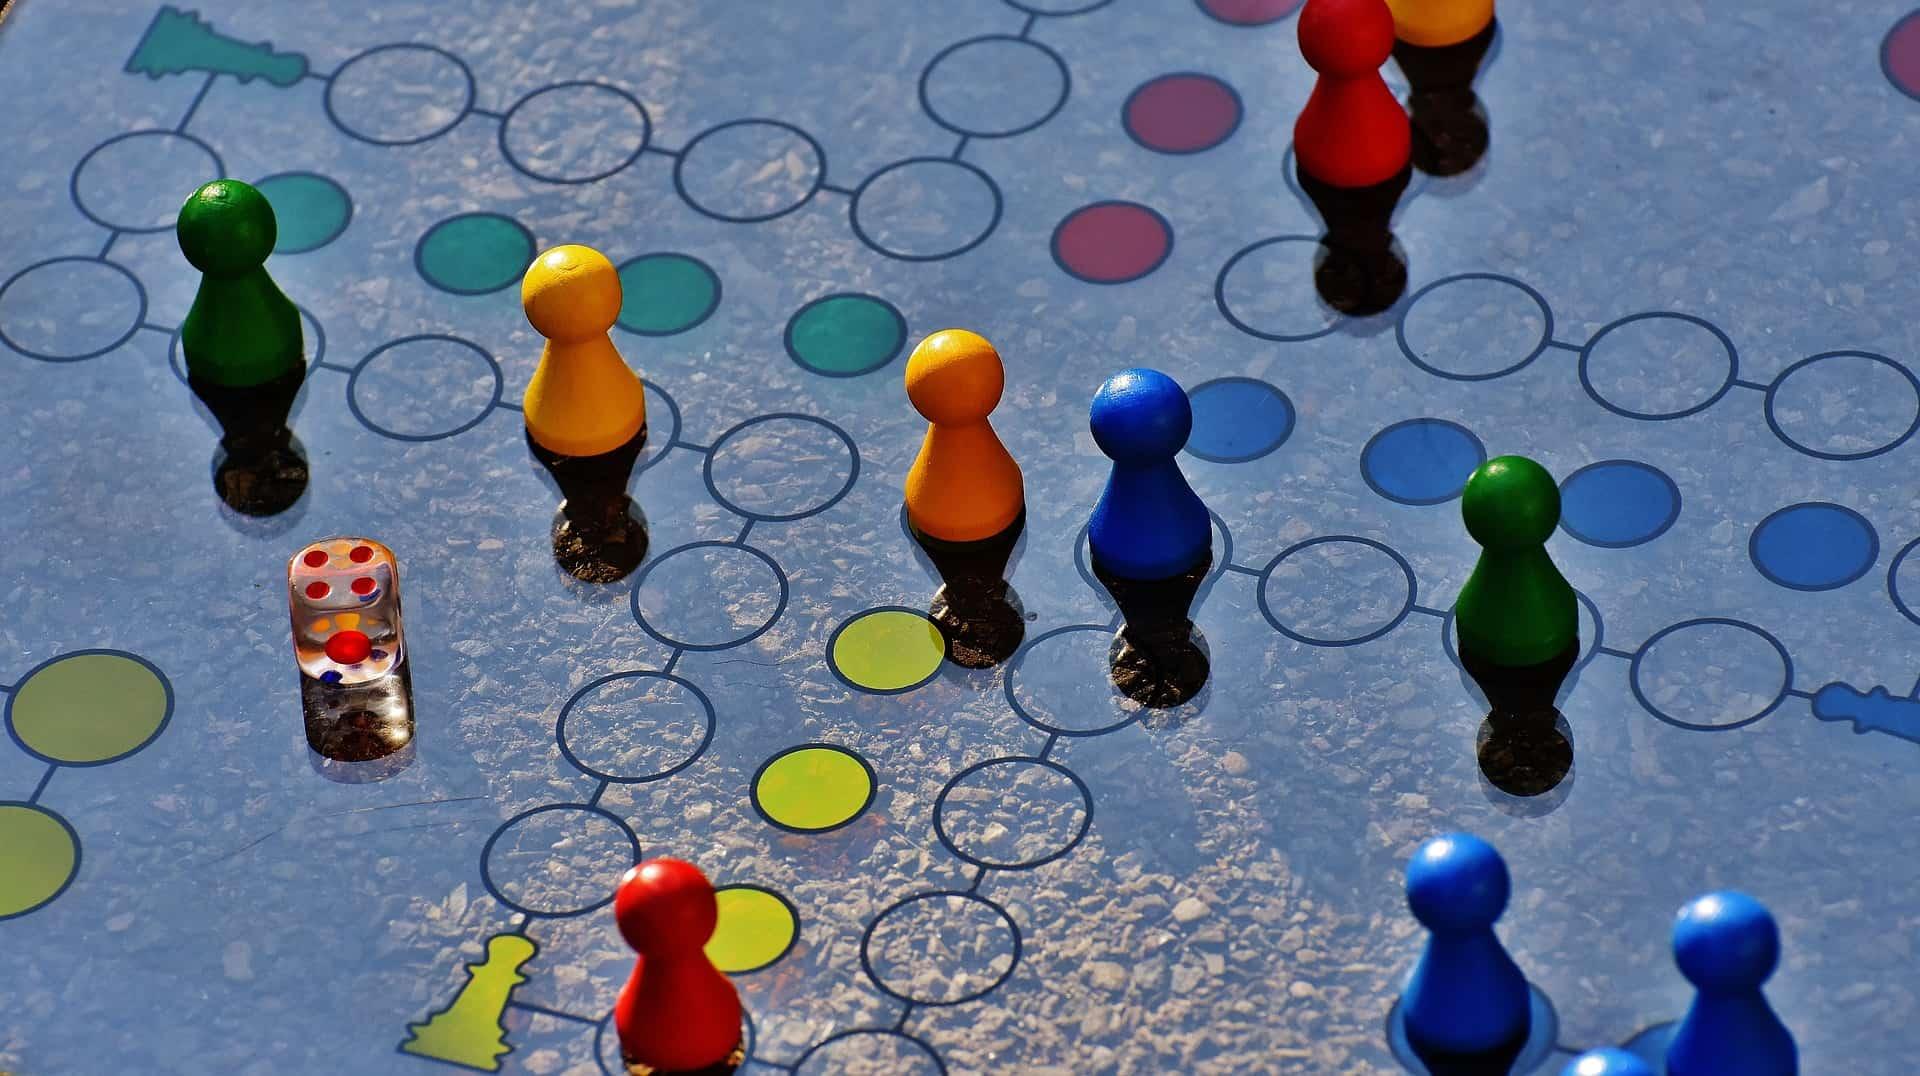 Amíg a mozaikcsaládban sikerül megtalálni a megfelelő pozíciót, a párkapcsolatban számos nehézséggel kell szembenézni